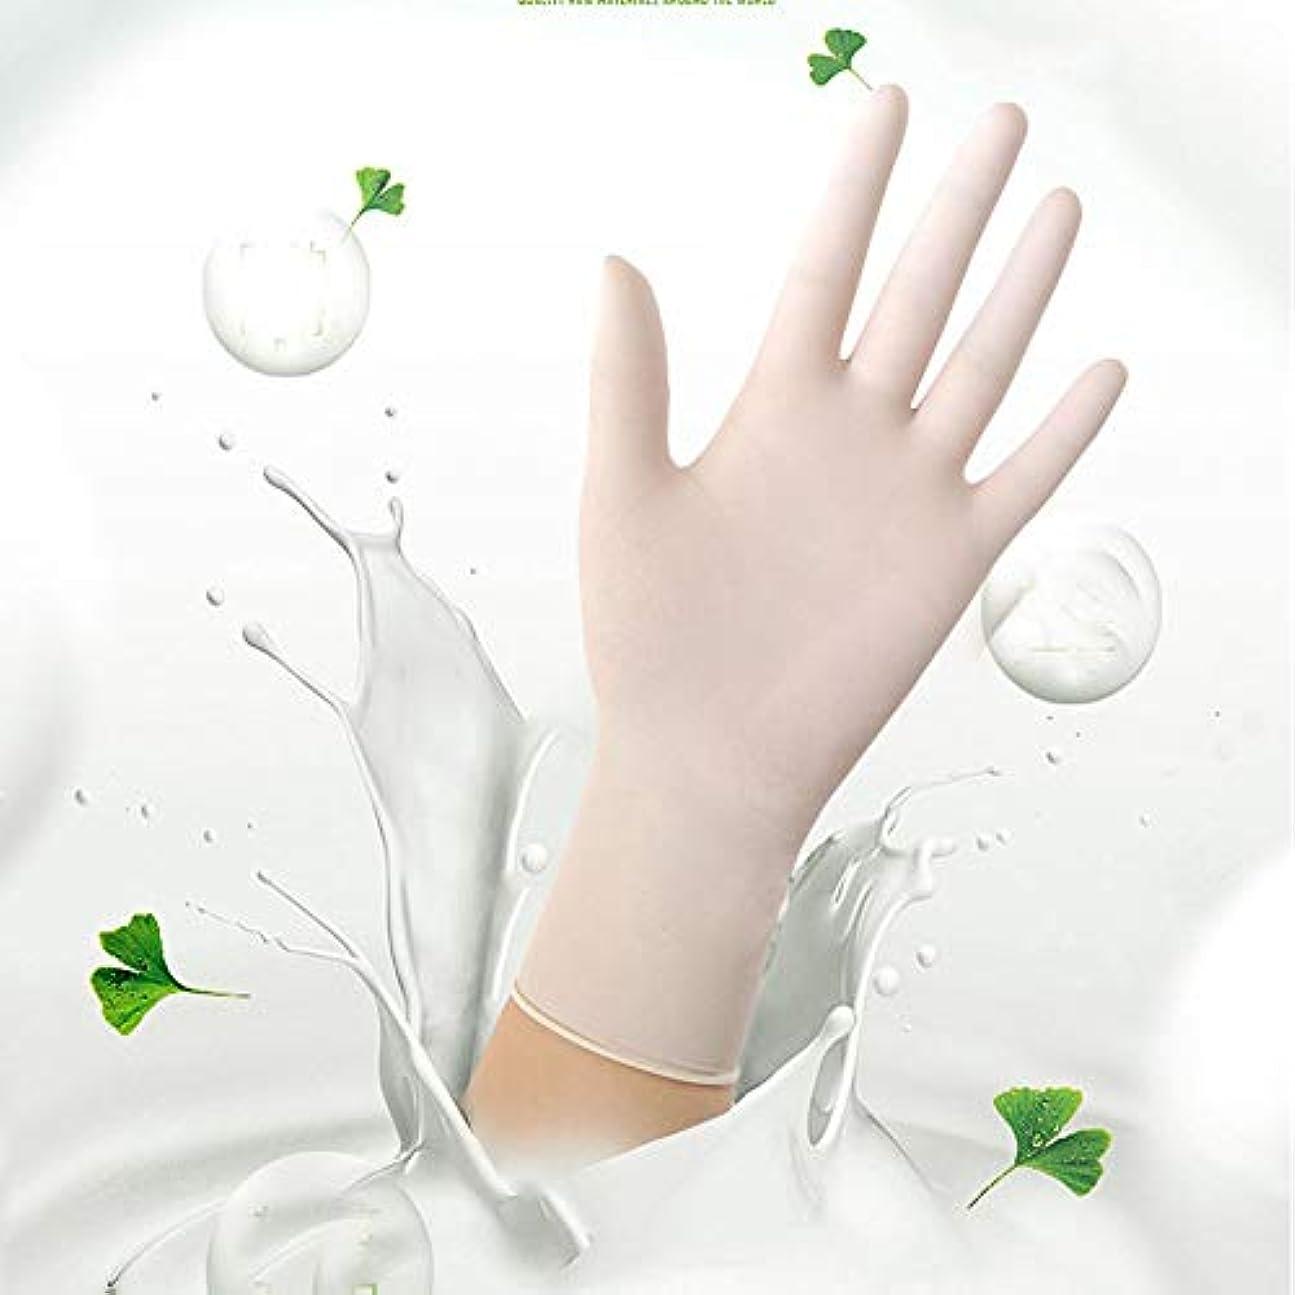 住居休眠集計ニトリル検査用手袋 - 医療用グレード、パウダーフリー、ラテックスラバーフリー、使い捨て、非滅菌、食品安全、インディゴ色、100カウント、サイズS-L (Color : White, Size : S)